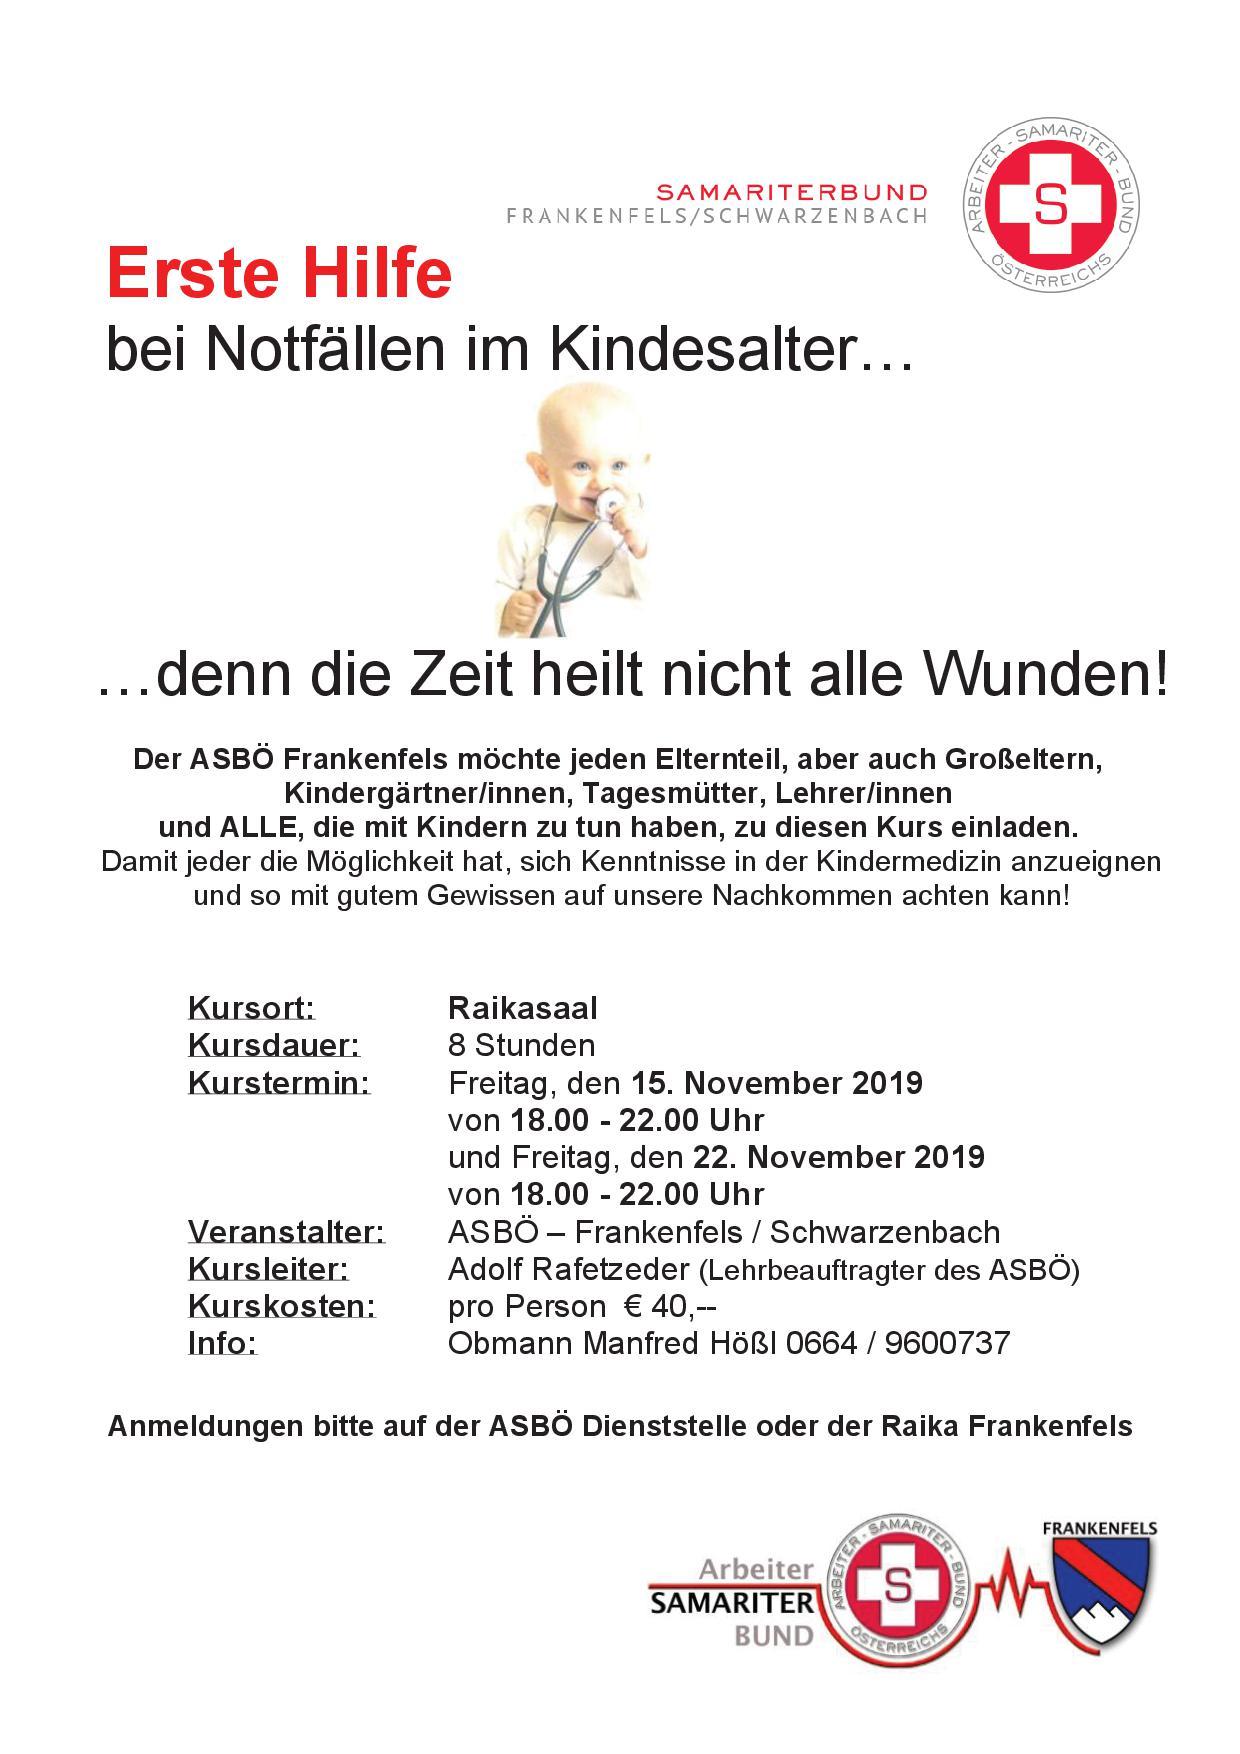 Kindernotfallkurs Frankenfels November 2019